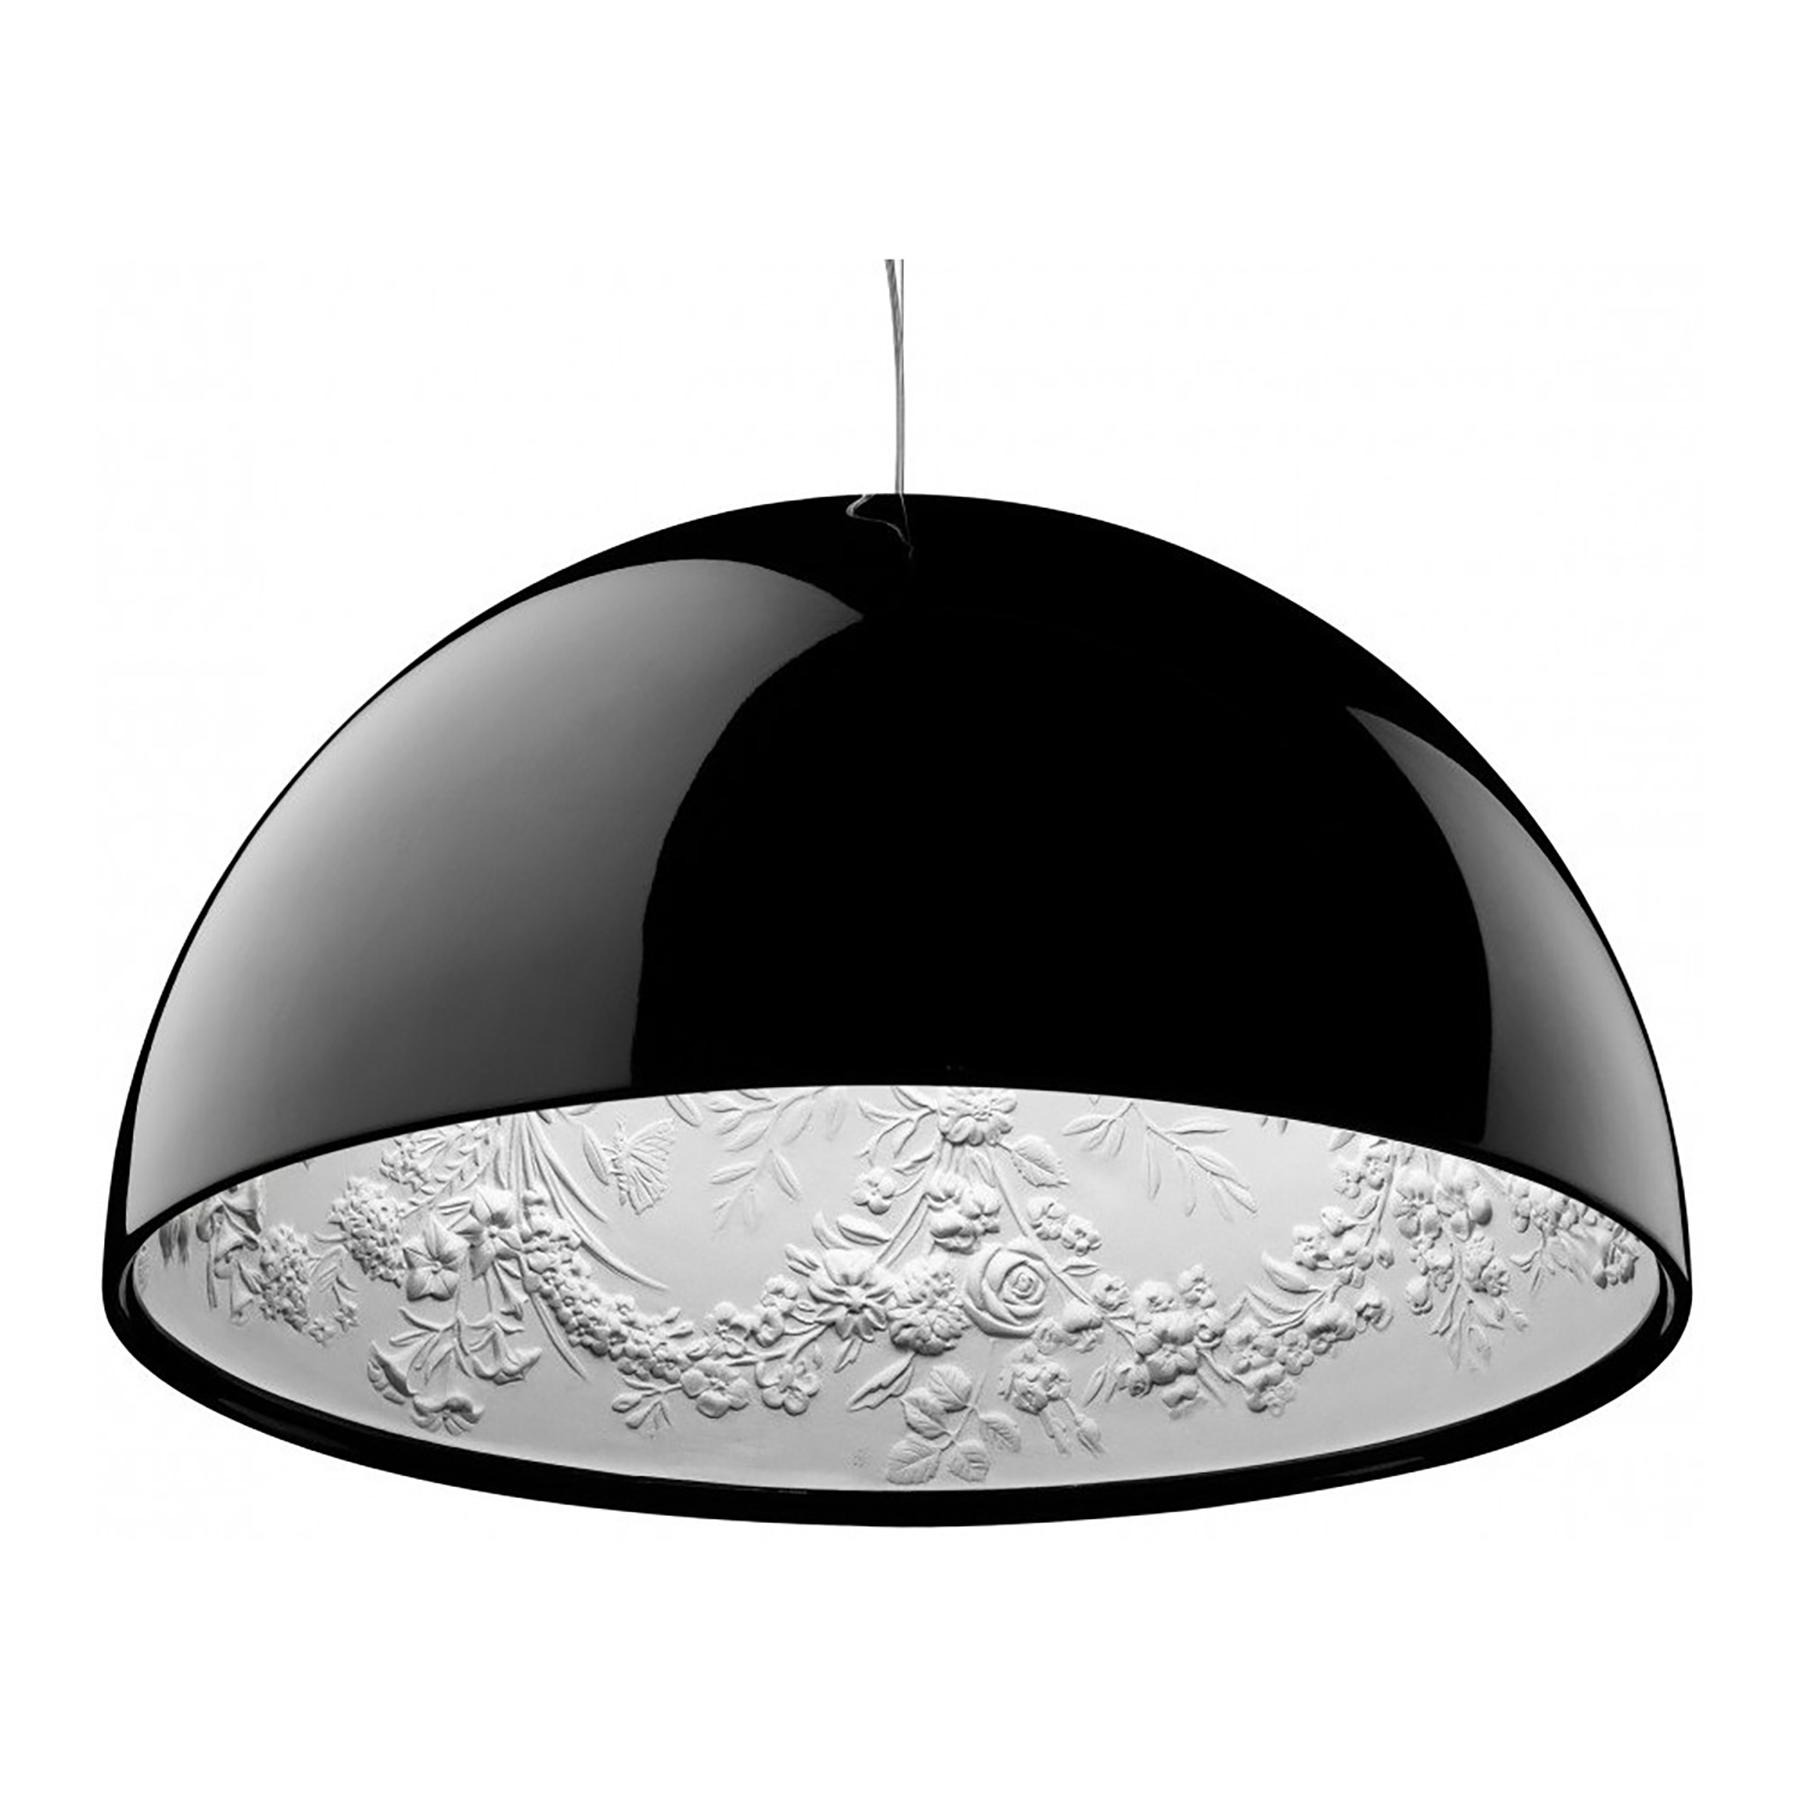 Подвесной светильник SkyGarden Flos D40 blackПодвесные светильники<br>Оригинальная подвесная лампа SkyGarden — это <br>уникальный в своем роде предмет декора, <br>который наполнит ваш дом роскошью, грациозностью <br>и элегантностью. С виду простой и гладкий <br>плафон из полимерной смолы украшен, однако, <br>очаровательной лепкой внутри, что делает <br>аксессуар уникальным. Лампа подарит помещению <br>мягкий непринужденный свет, а также уют <br>и комфорт. SkyGarden или Небесный сад — именно <br>так переводится название светильника — <br>обязательно будет радовать вас своим освещением <br>и эстетическим видом. Подарите себе кусочек <br>райского сада с подвесной лампой SKYGARDEN!<br><br>Цвет: Чёрный<br>Материал: Полимерная смола, Гипс<br>Вес кг: 5<br>Длина см: 40<br>Ширина см: 40<br>Высота см: 20